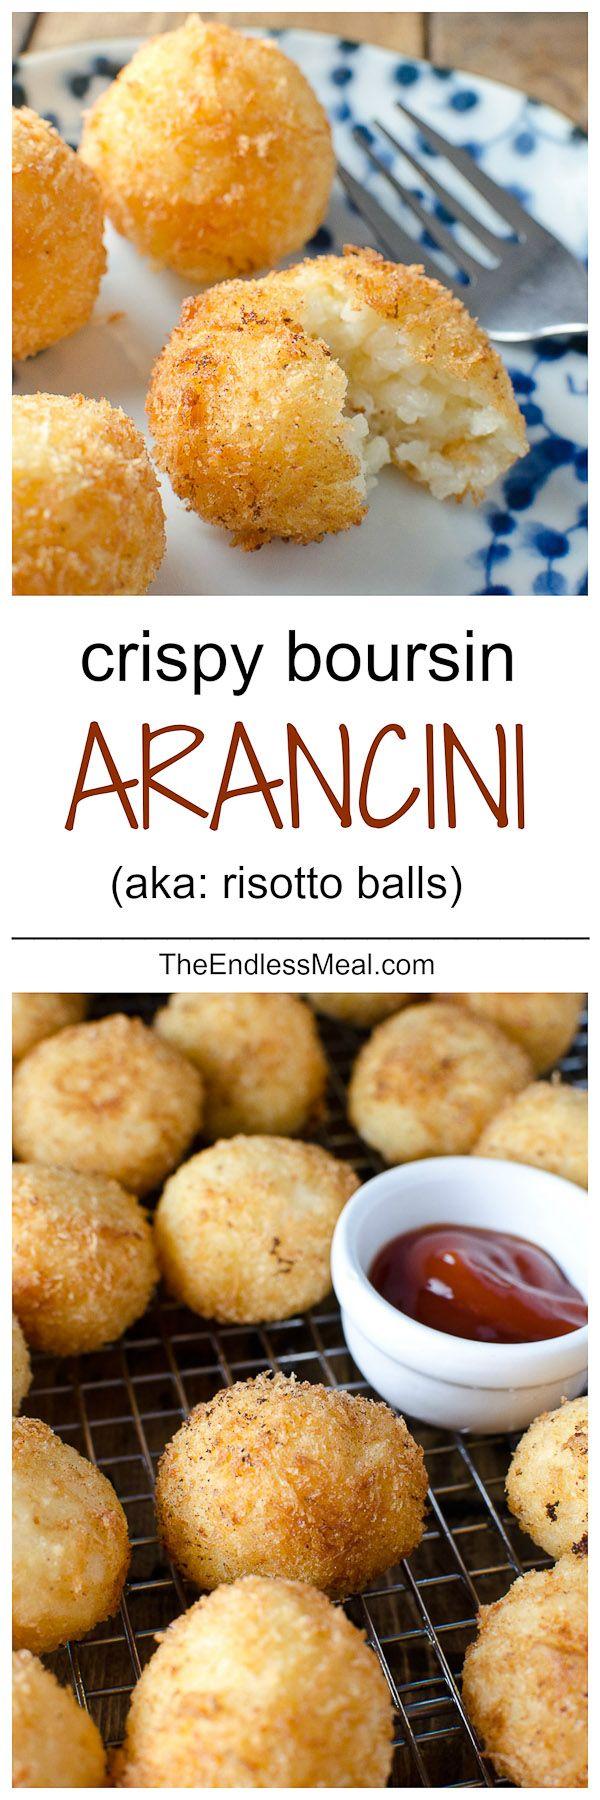 Crispy Boursin Arancini